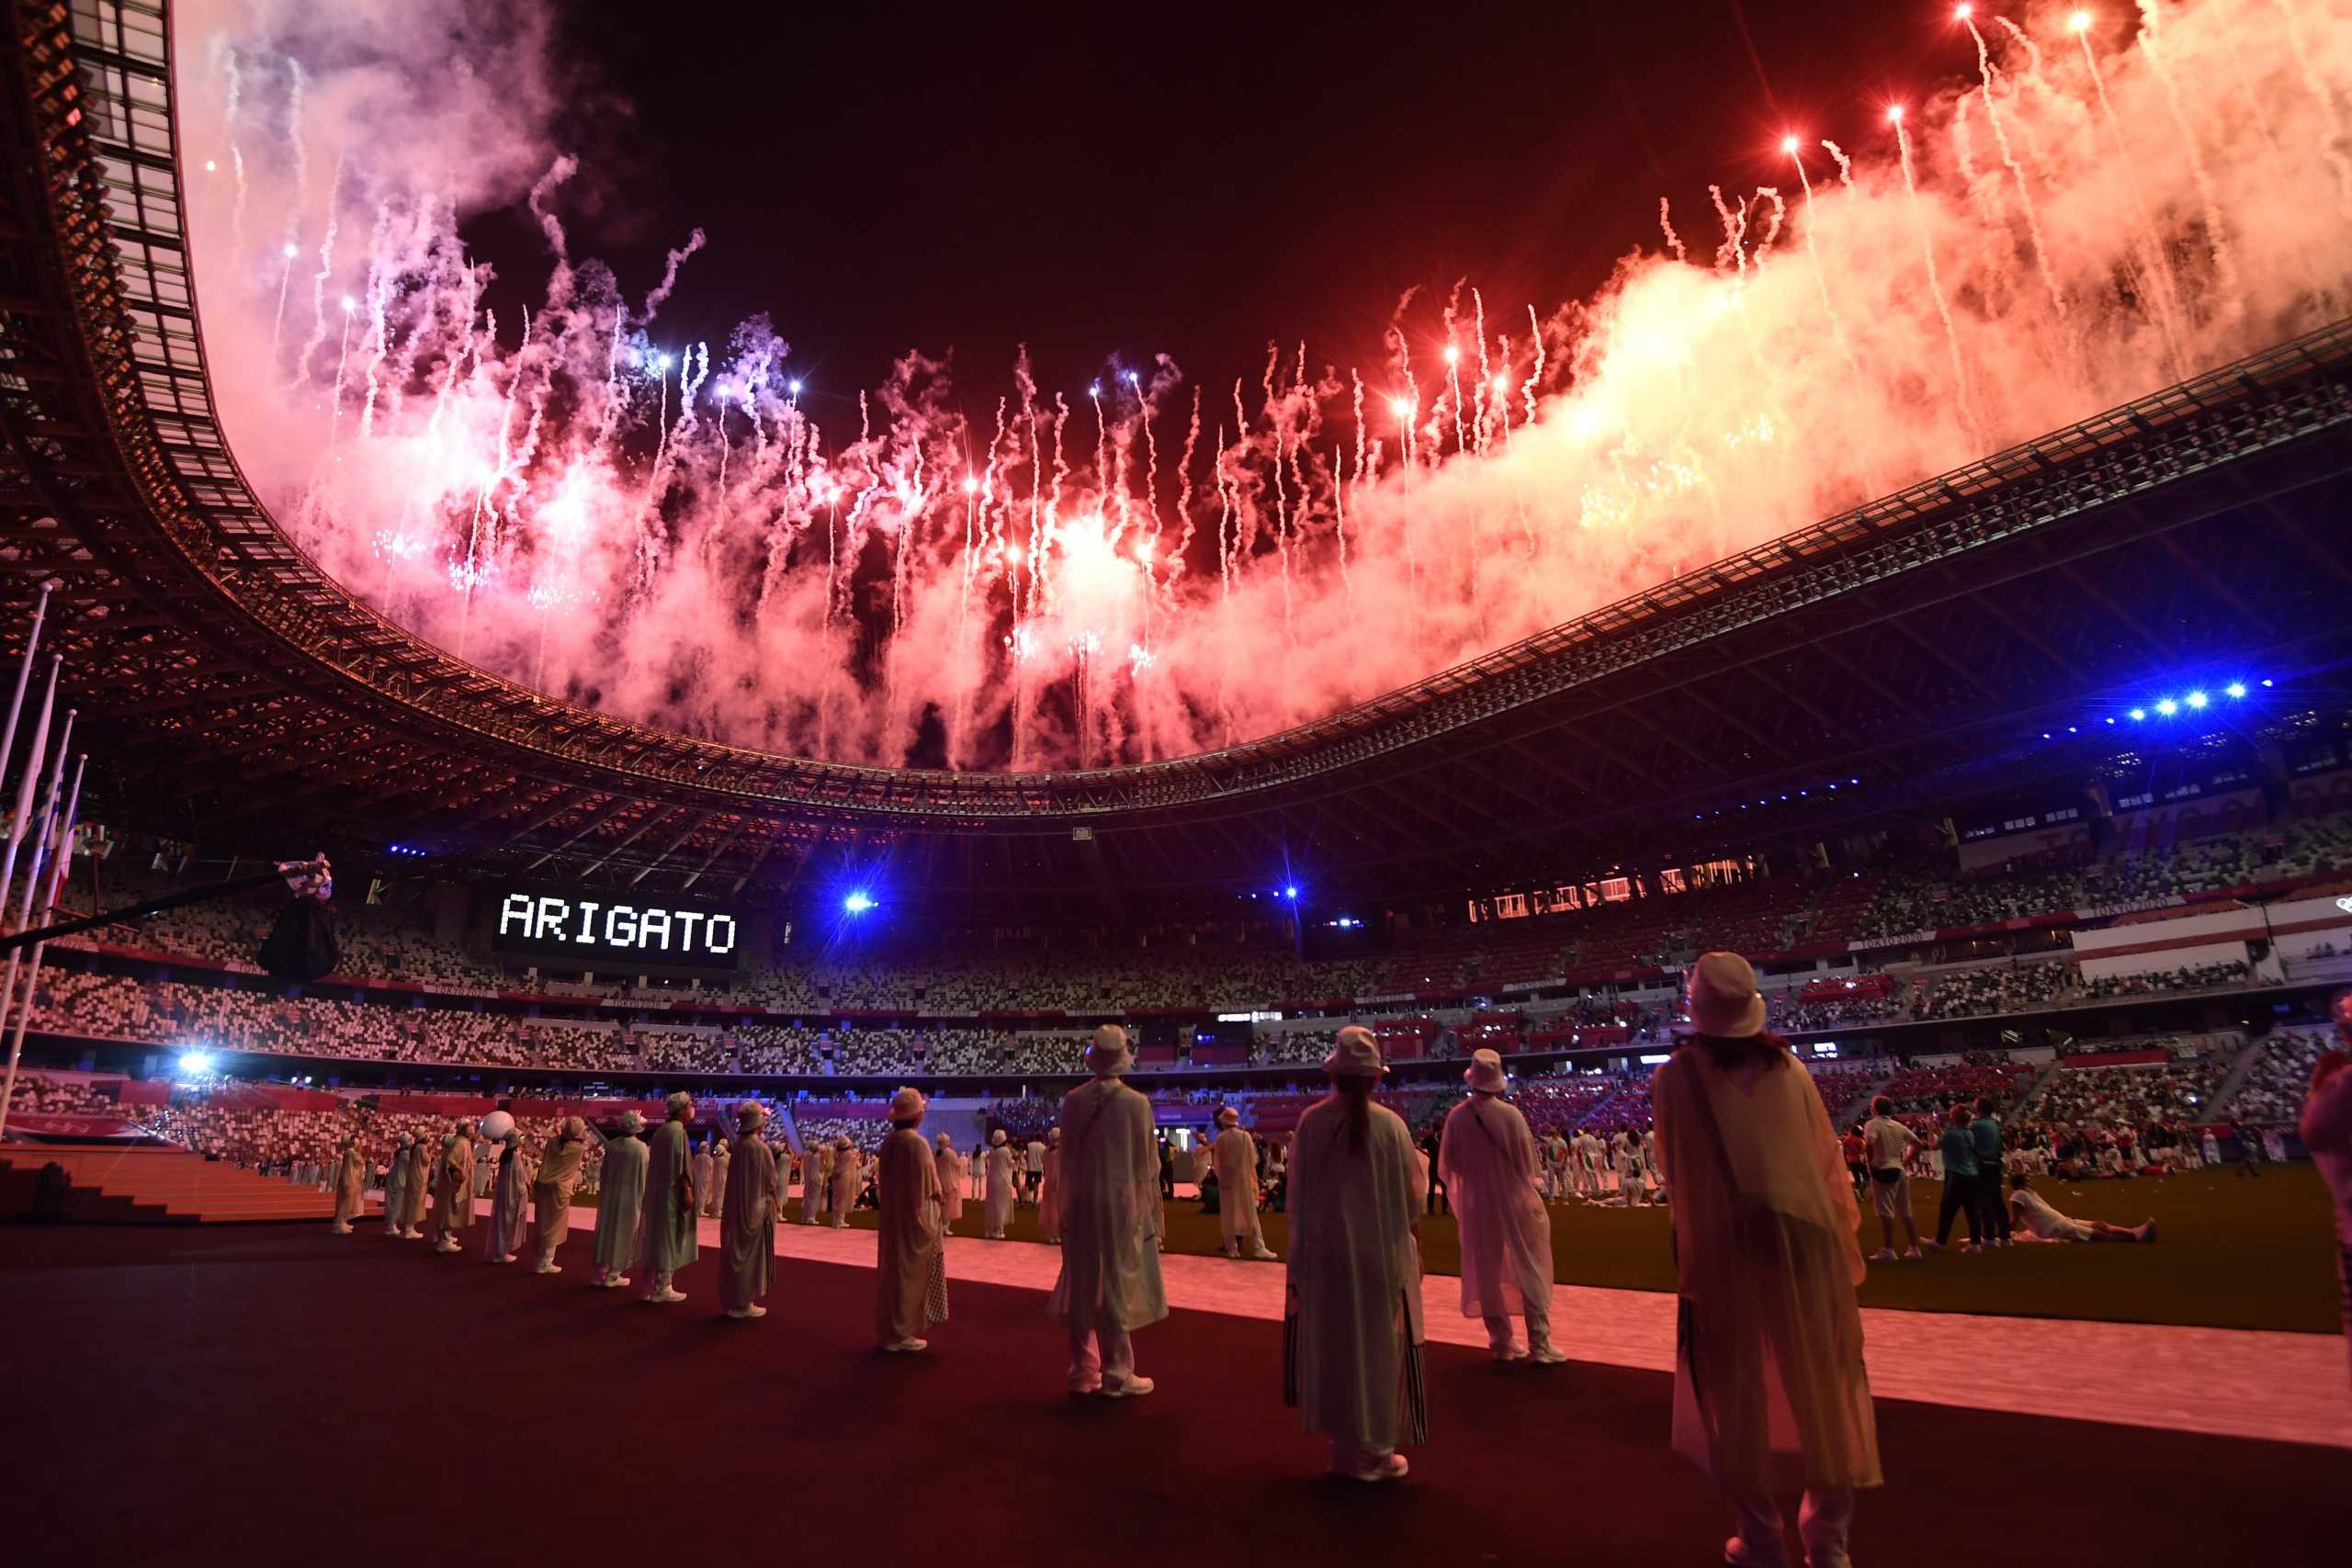 Ολυμπιακοί Αγώνες: Όσα έγιναν στην Τελετή Λήξης στο Τόκιο